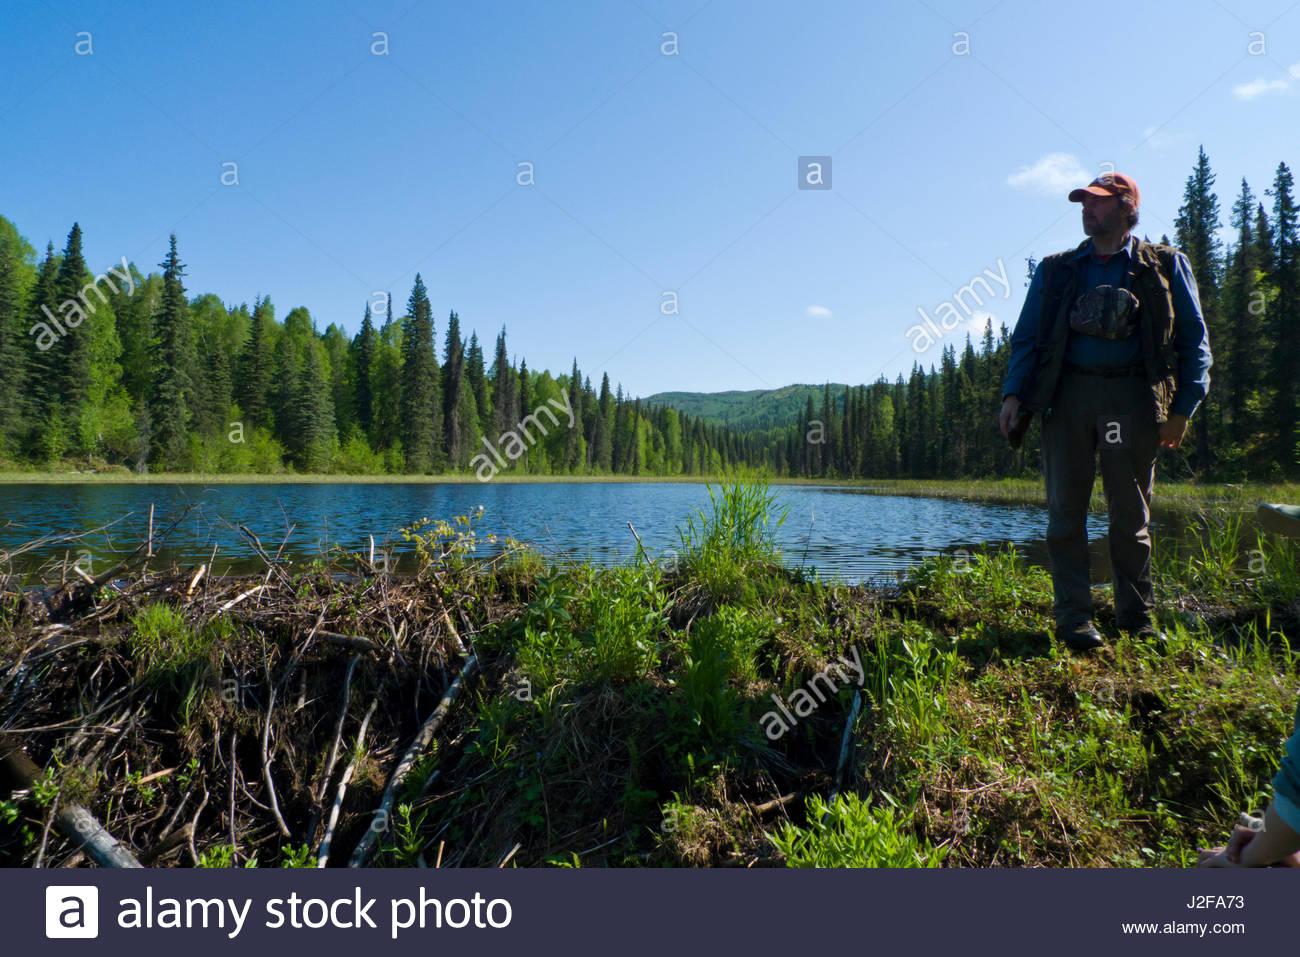 Alaska matanuska susitna county talkeetna - Mature Caucasian Man Standing On Beaver Dam With A Reservoir Of Fresh Water Behind Him Talkeetna Mountains Matanuska Susitna Borough Alaska Usa